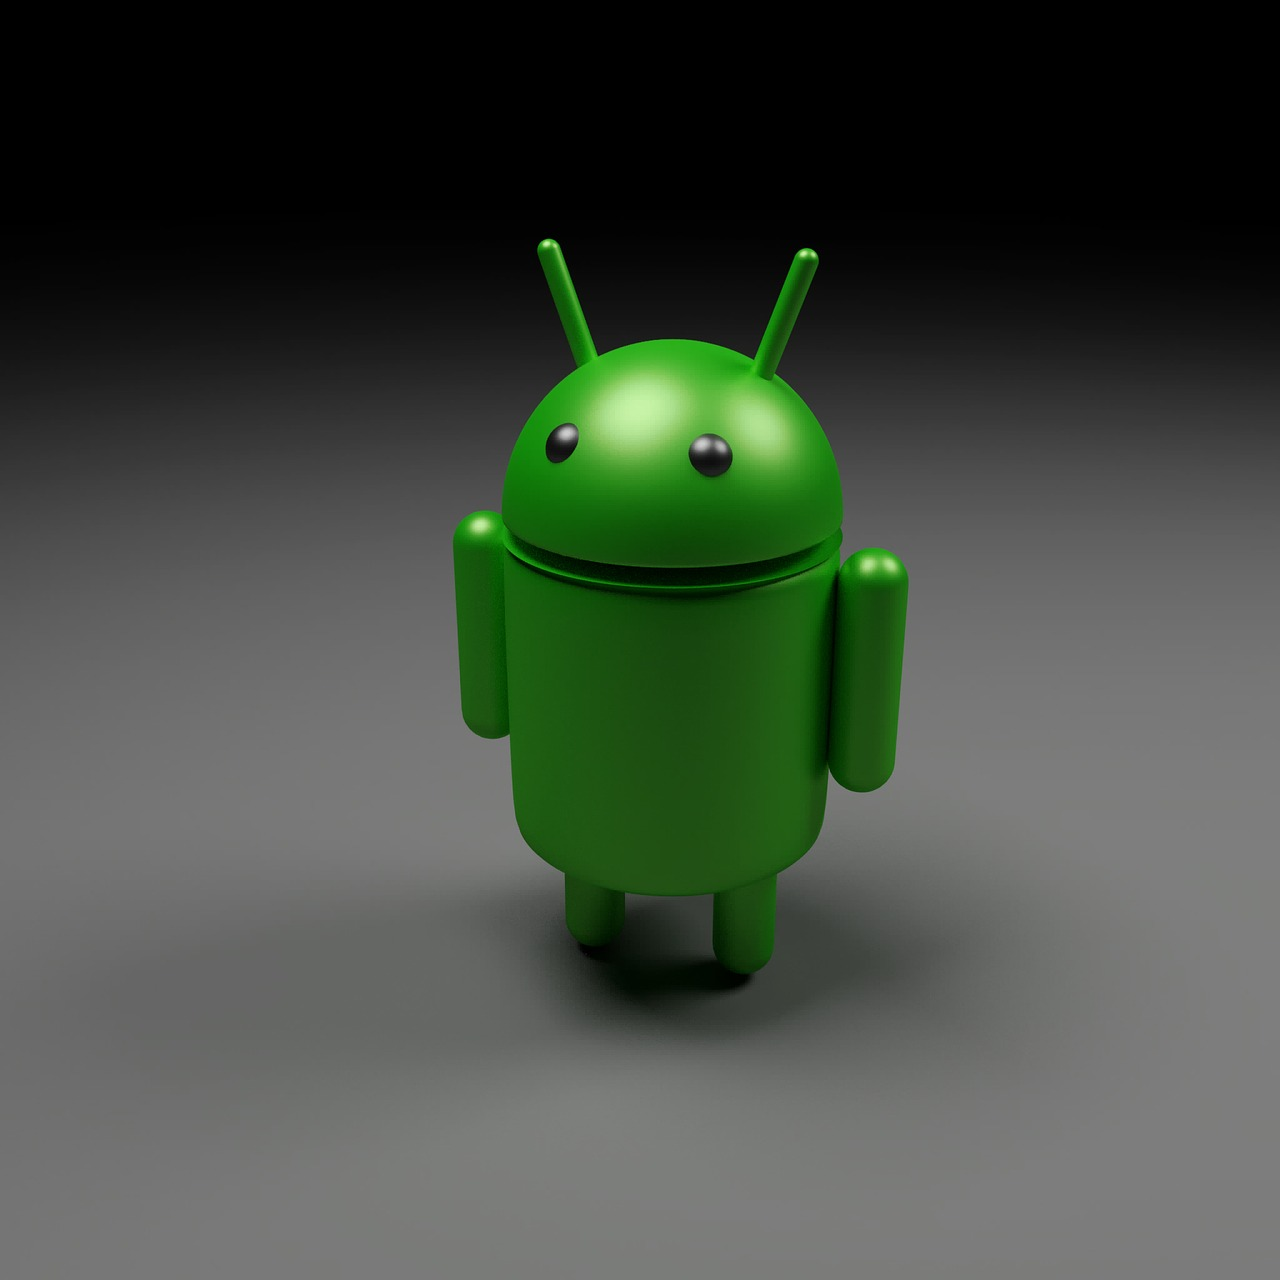 Öreg Android Nyista Internet!